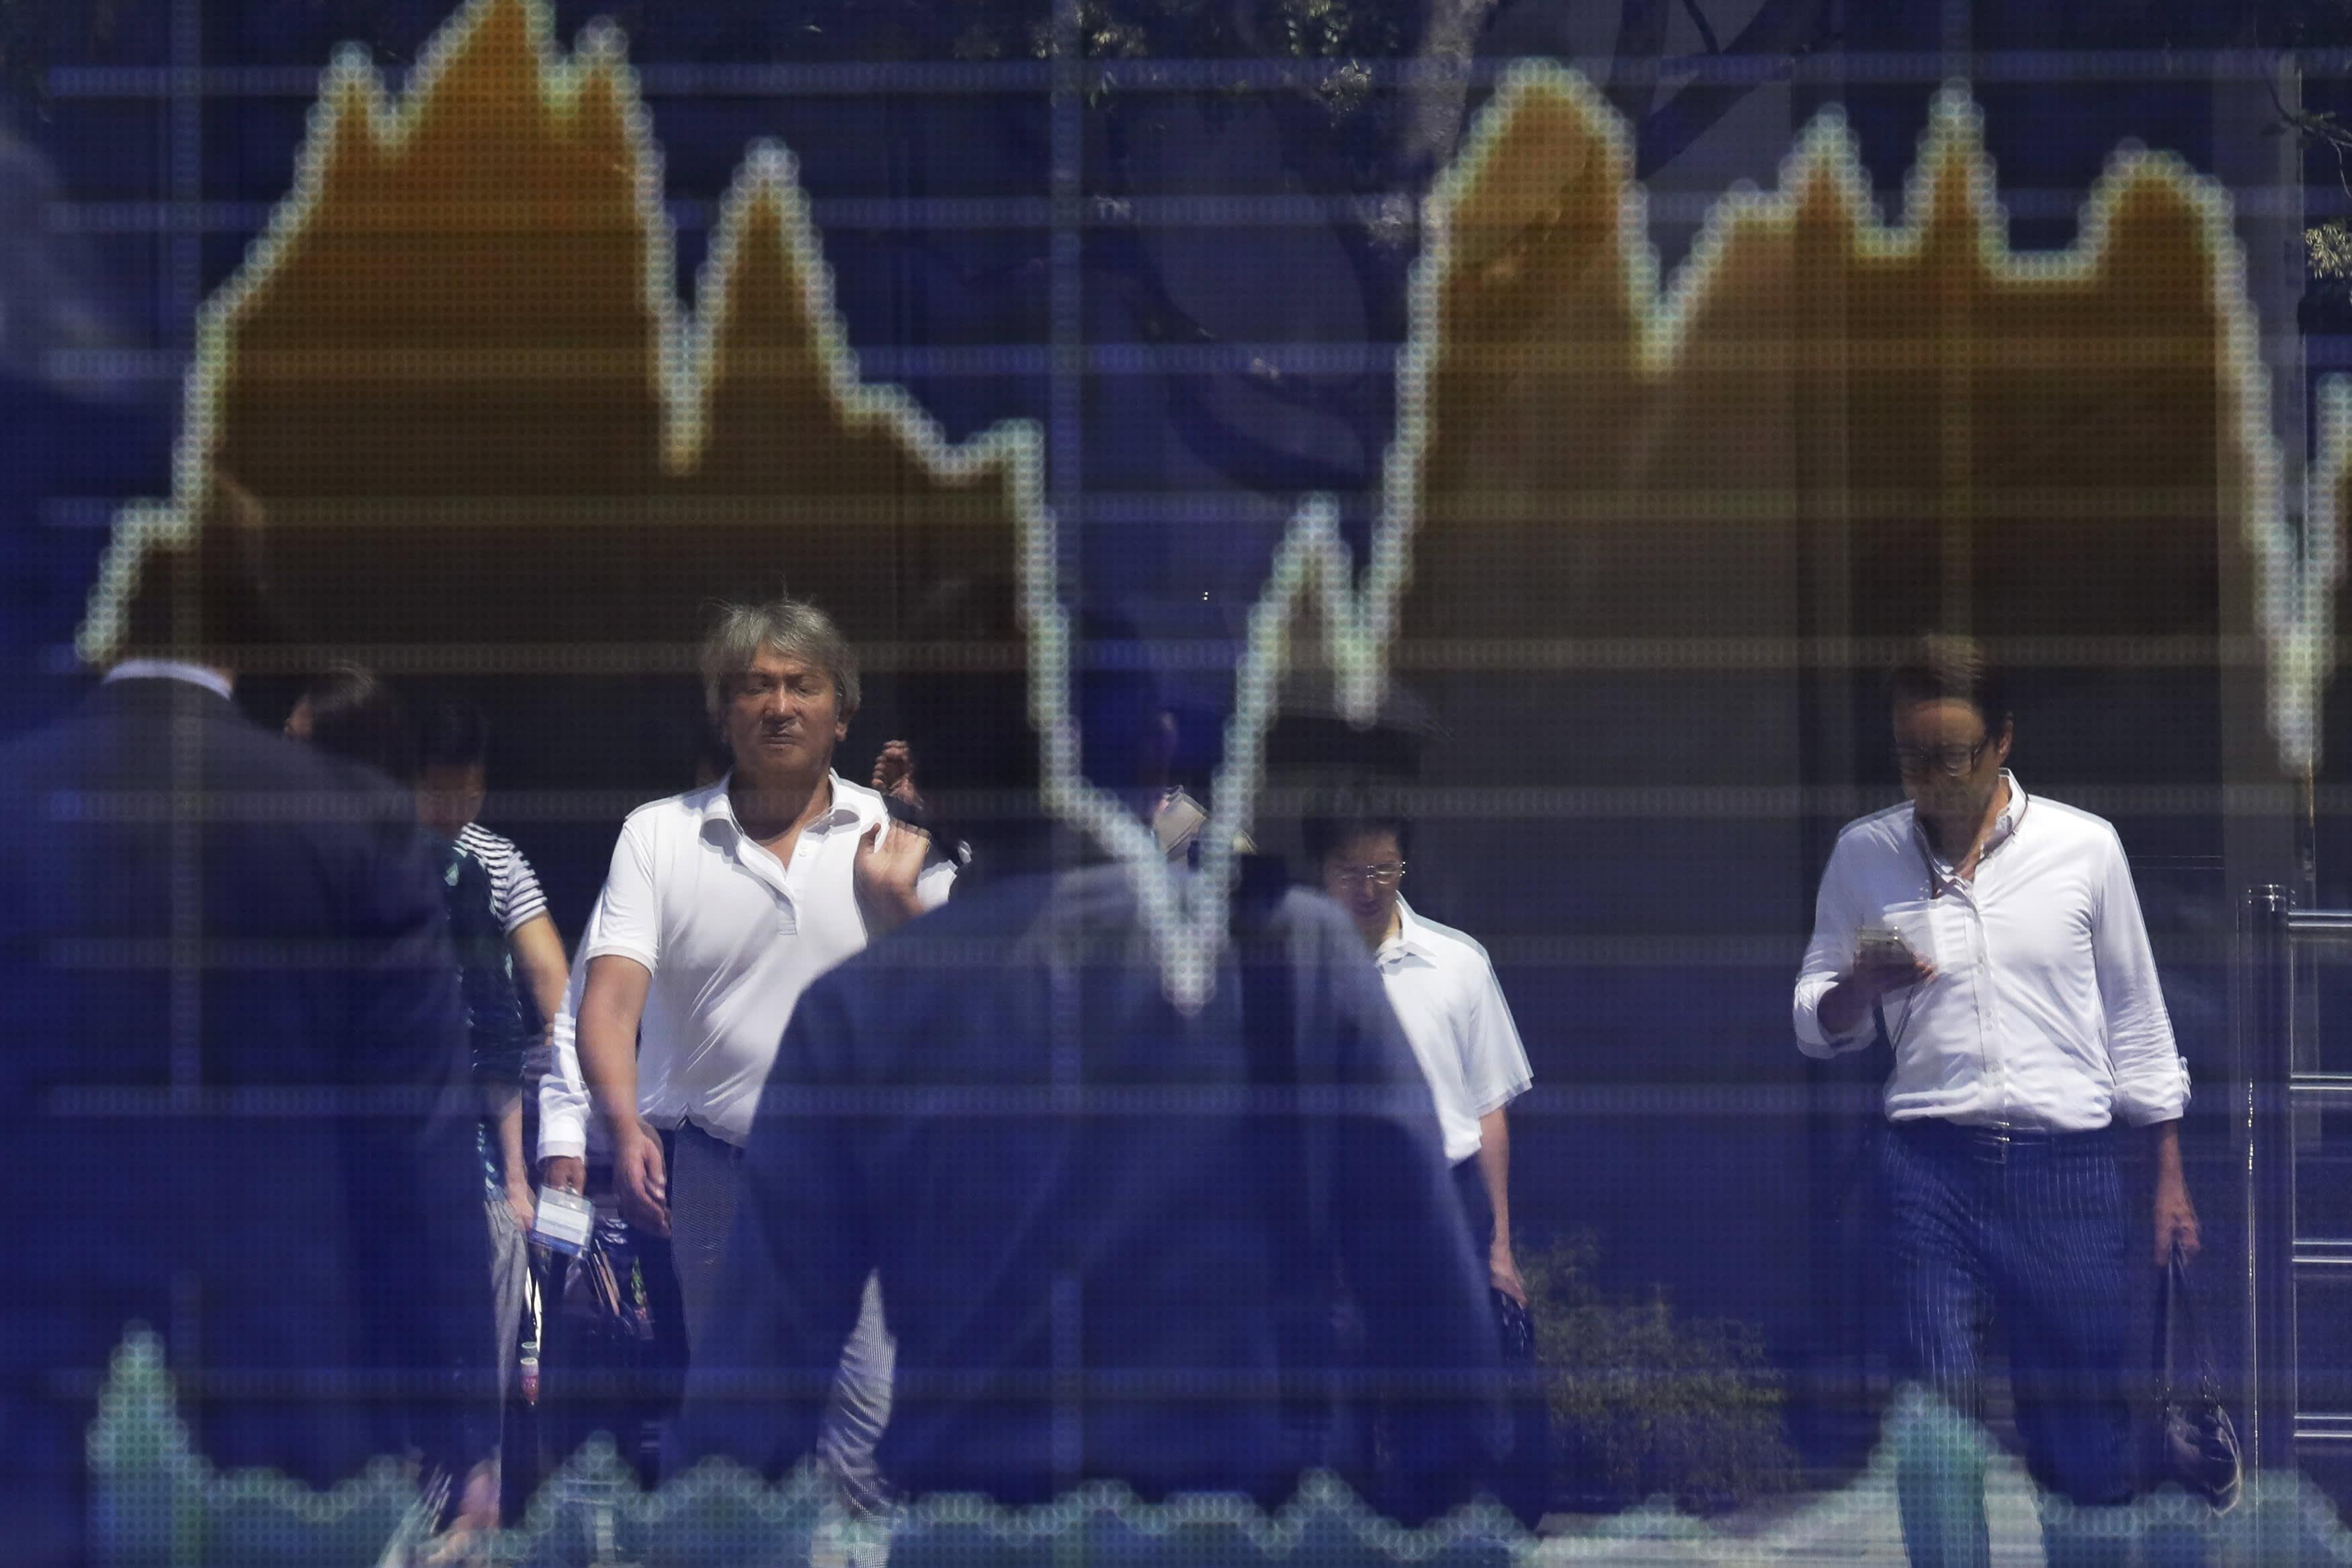 Asia stocks rise amid optimism on US-China trade, ECB stimulus